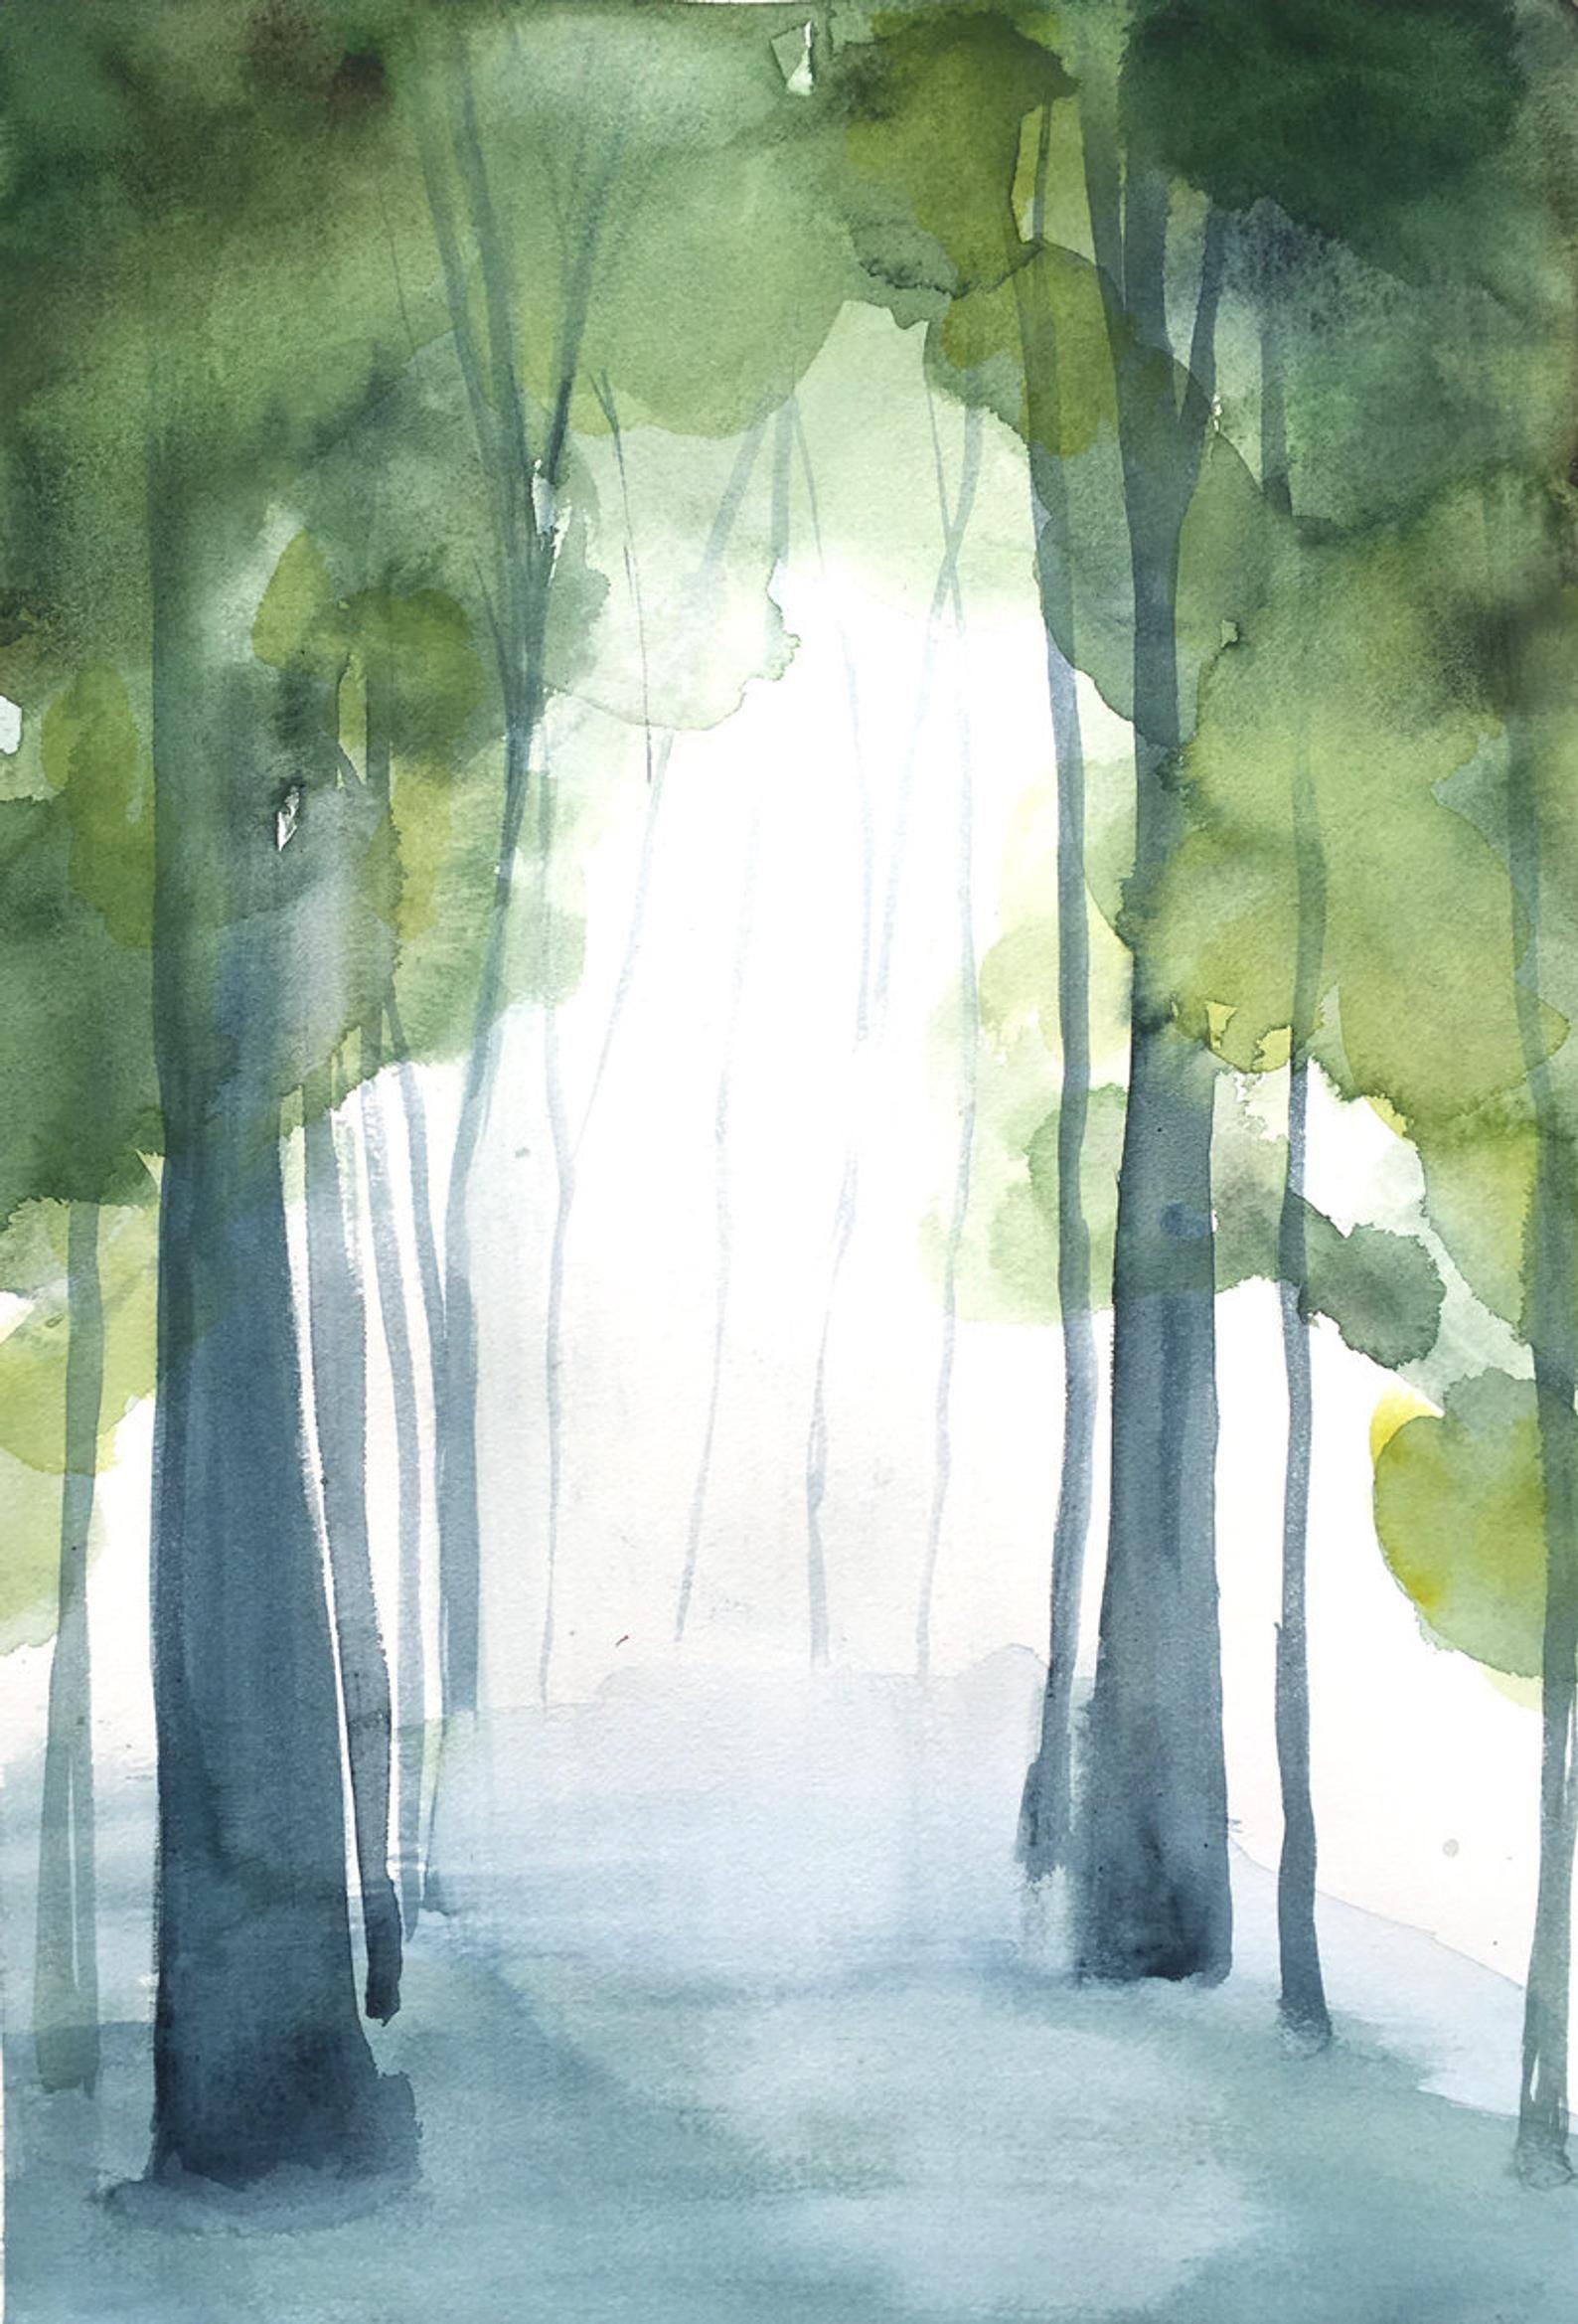 Paysage Peinture Oeuvre Grove I Aquarelle Peinture Etsy